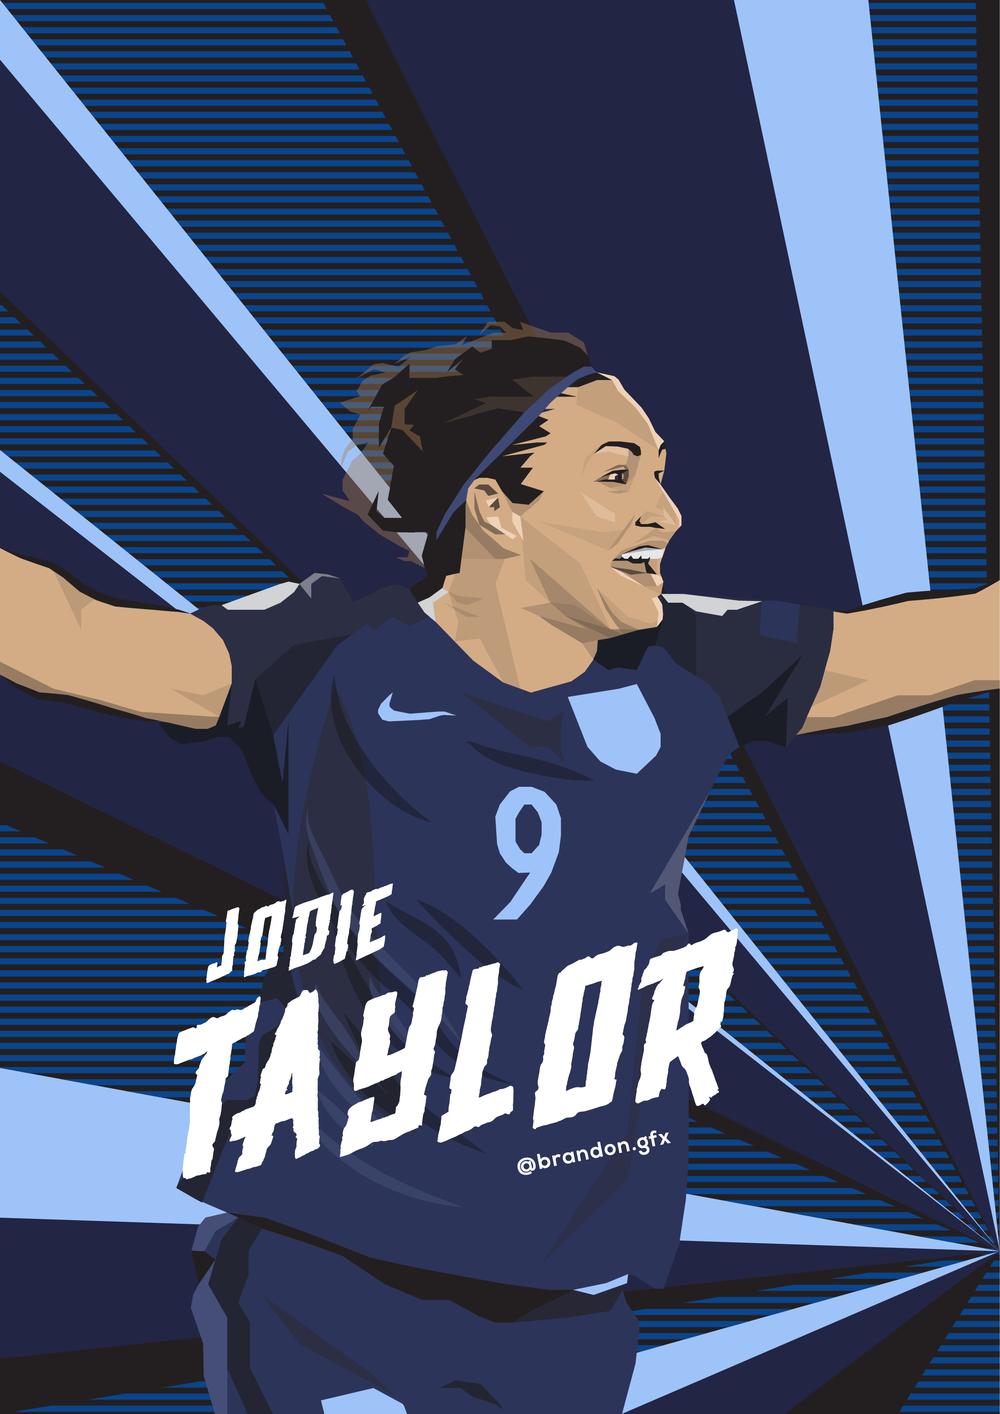 jodie taylor-01.png